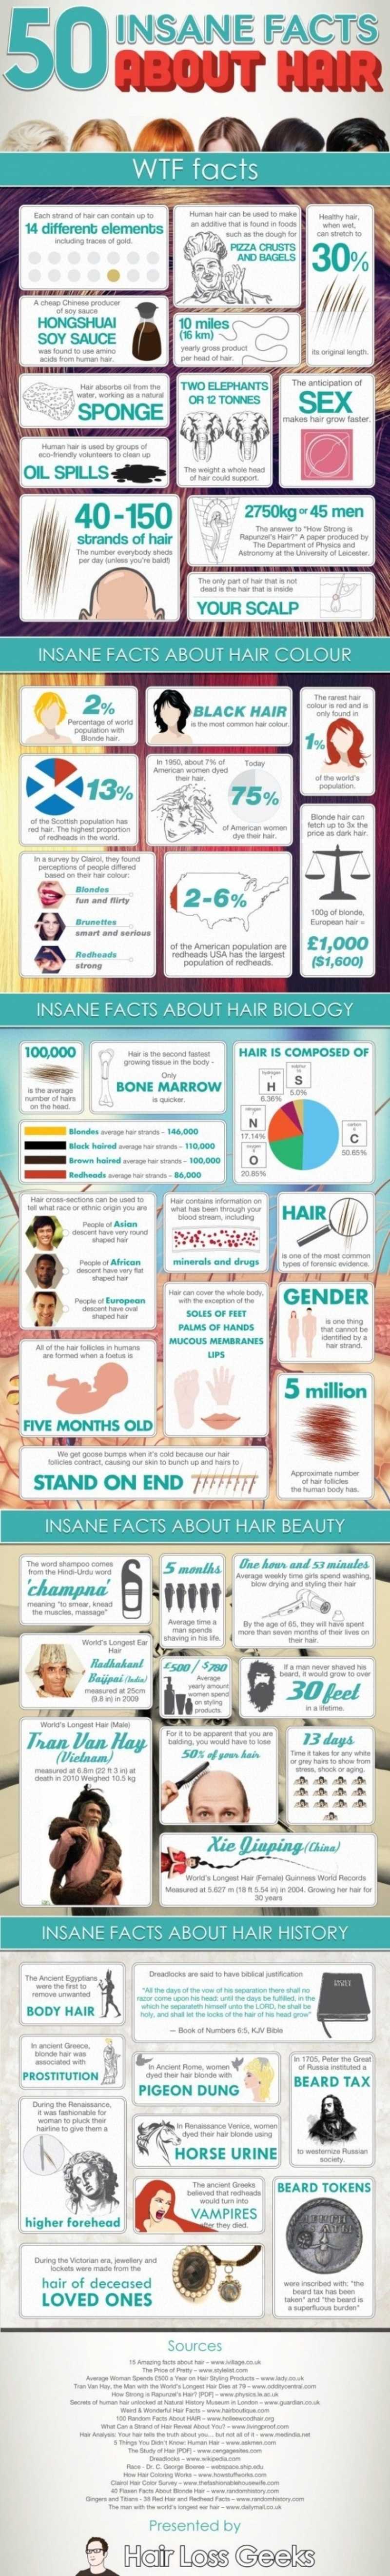 Weird Facts About Hair